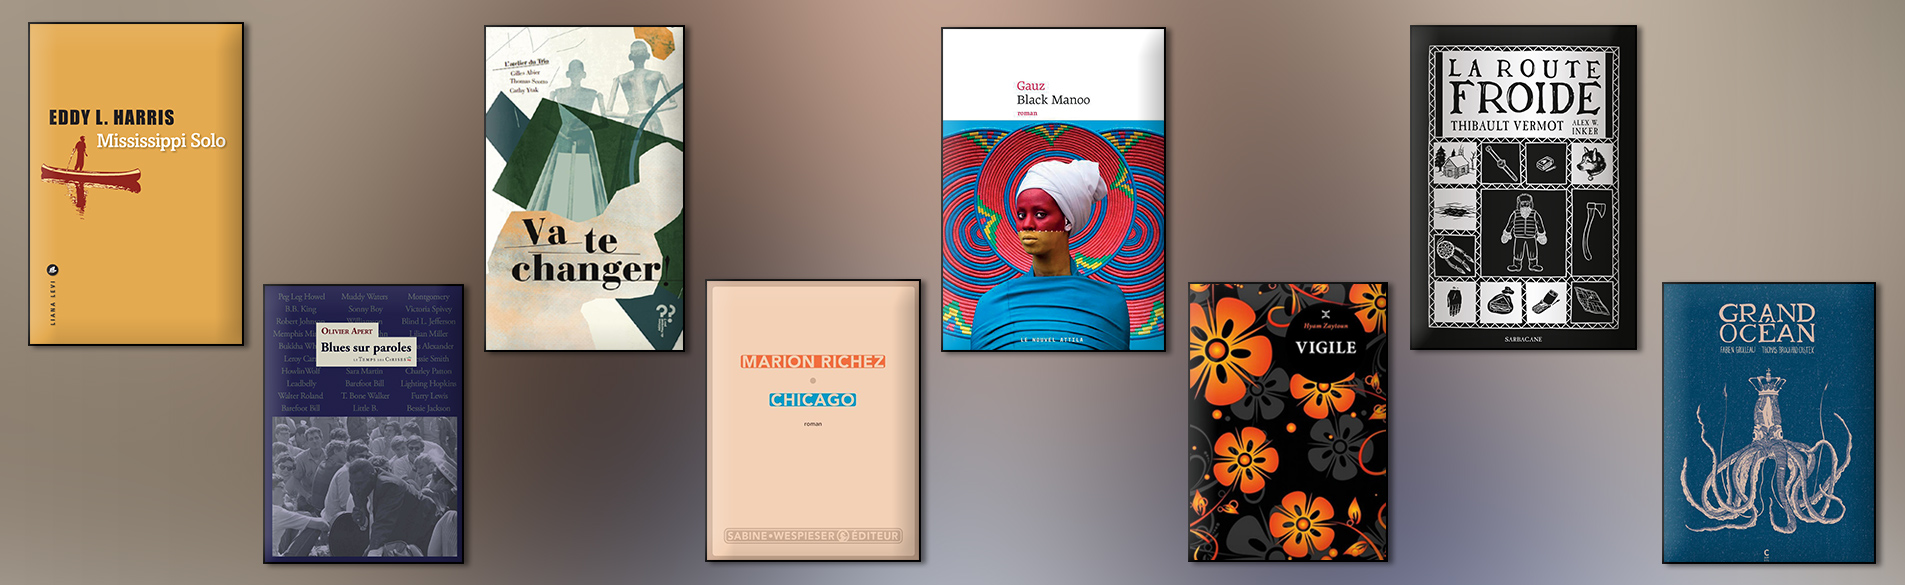 collage-mosaique-livres-auteurs-2021-dossier-header